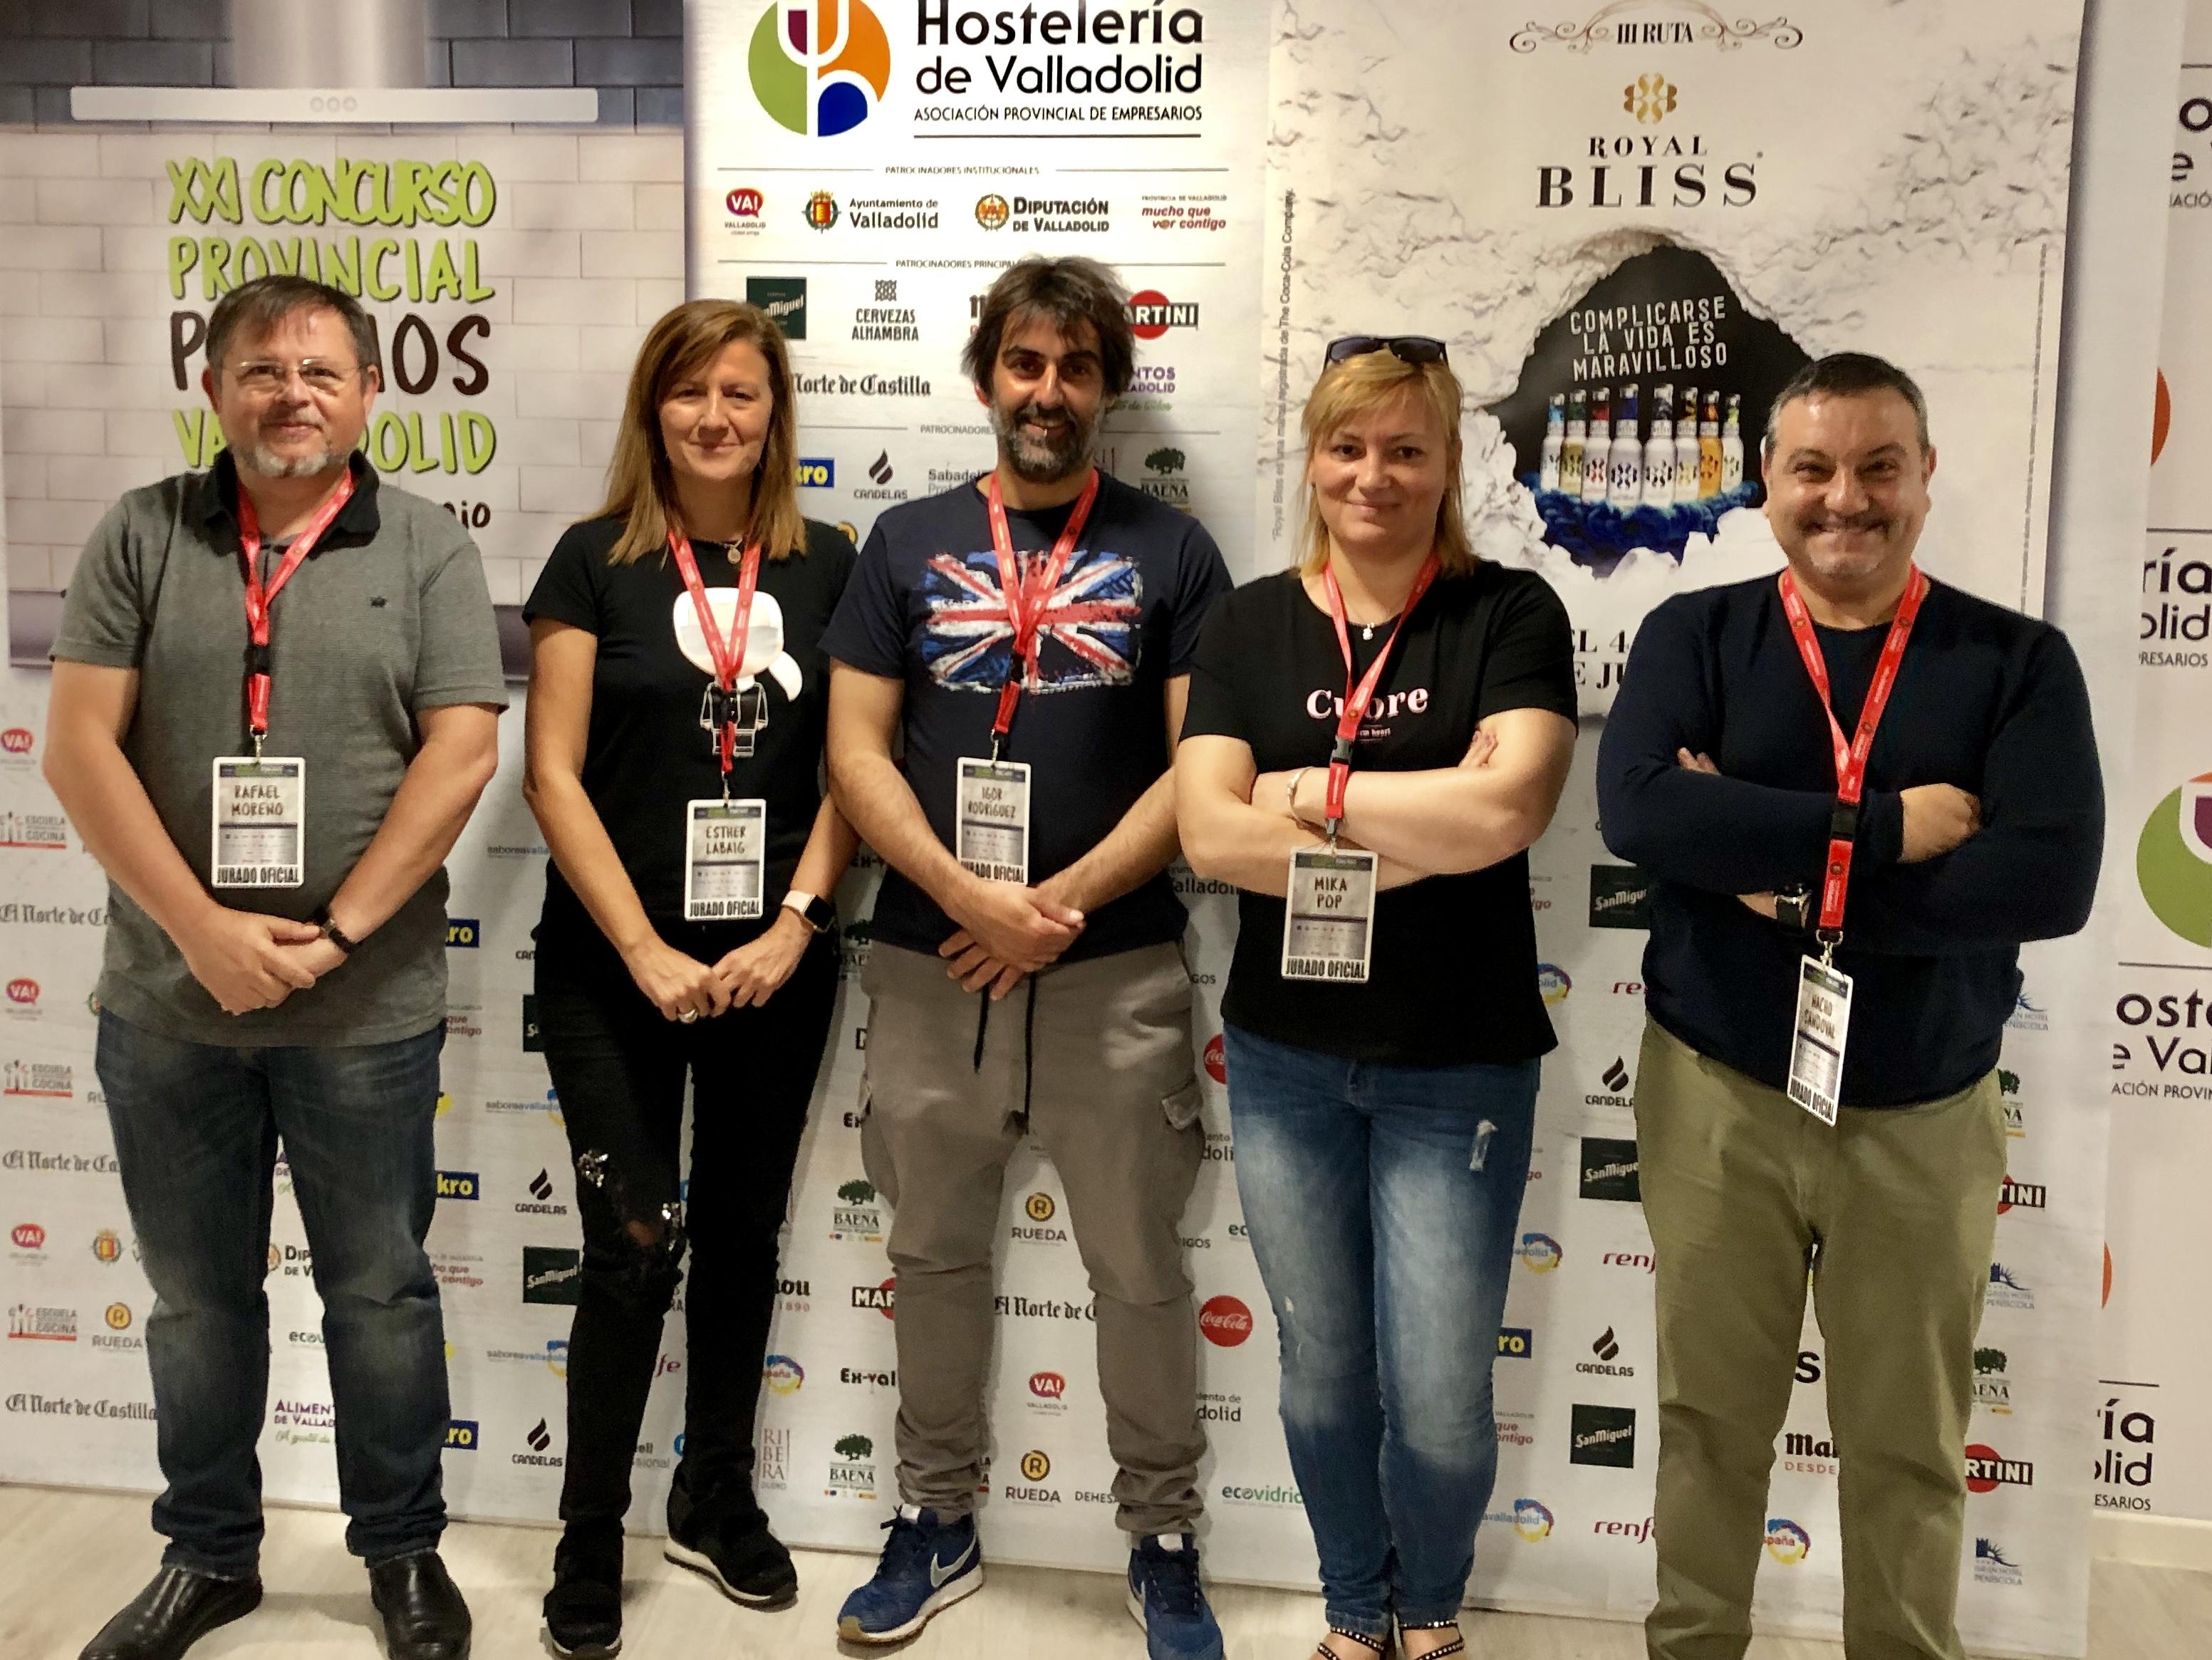 Jurado del XXI Concurso Provincial de Pinchos de Valladolid